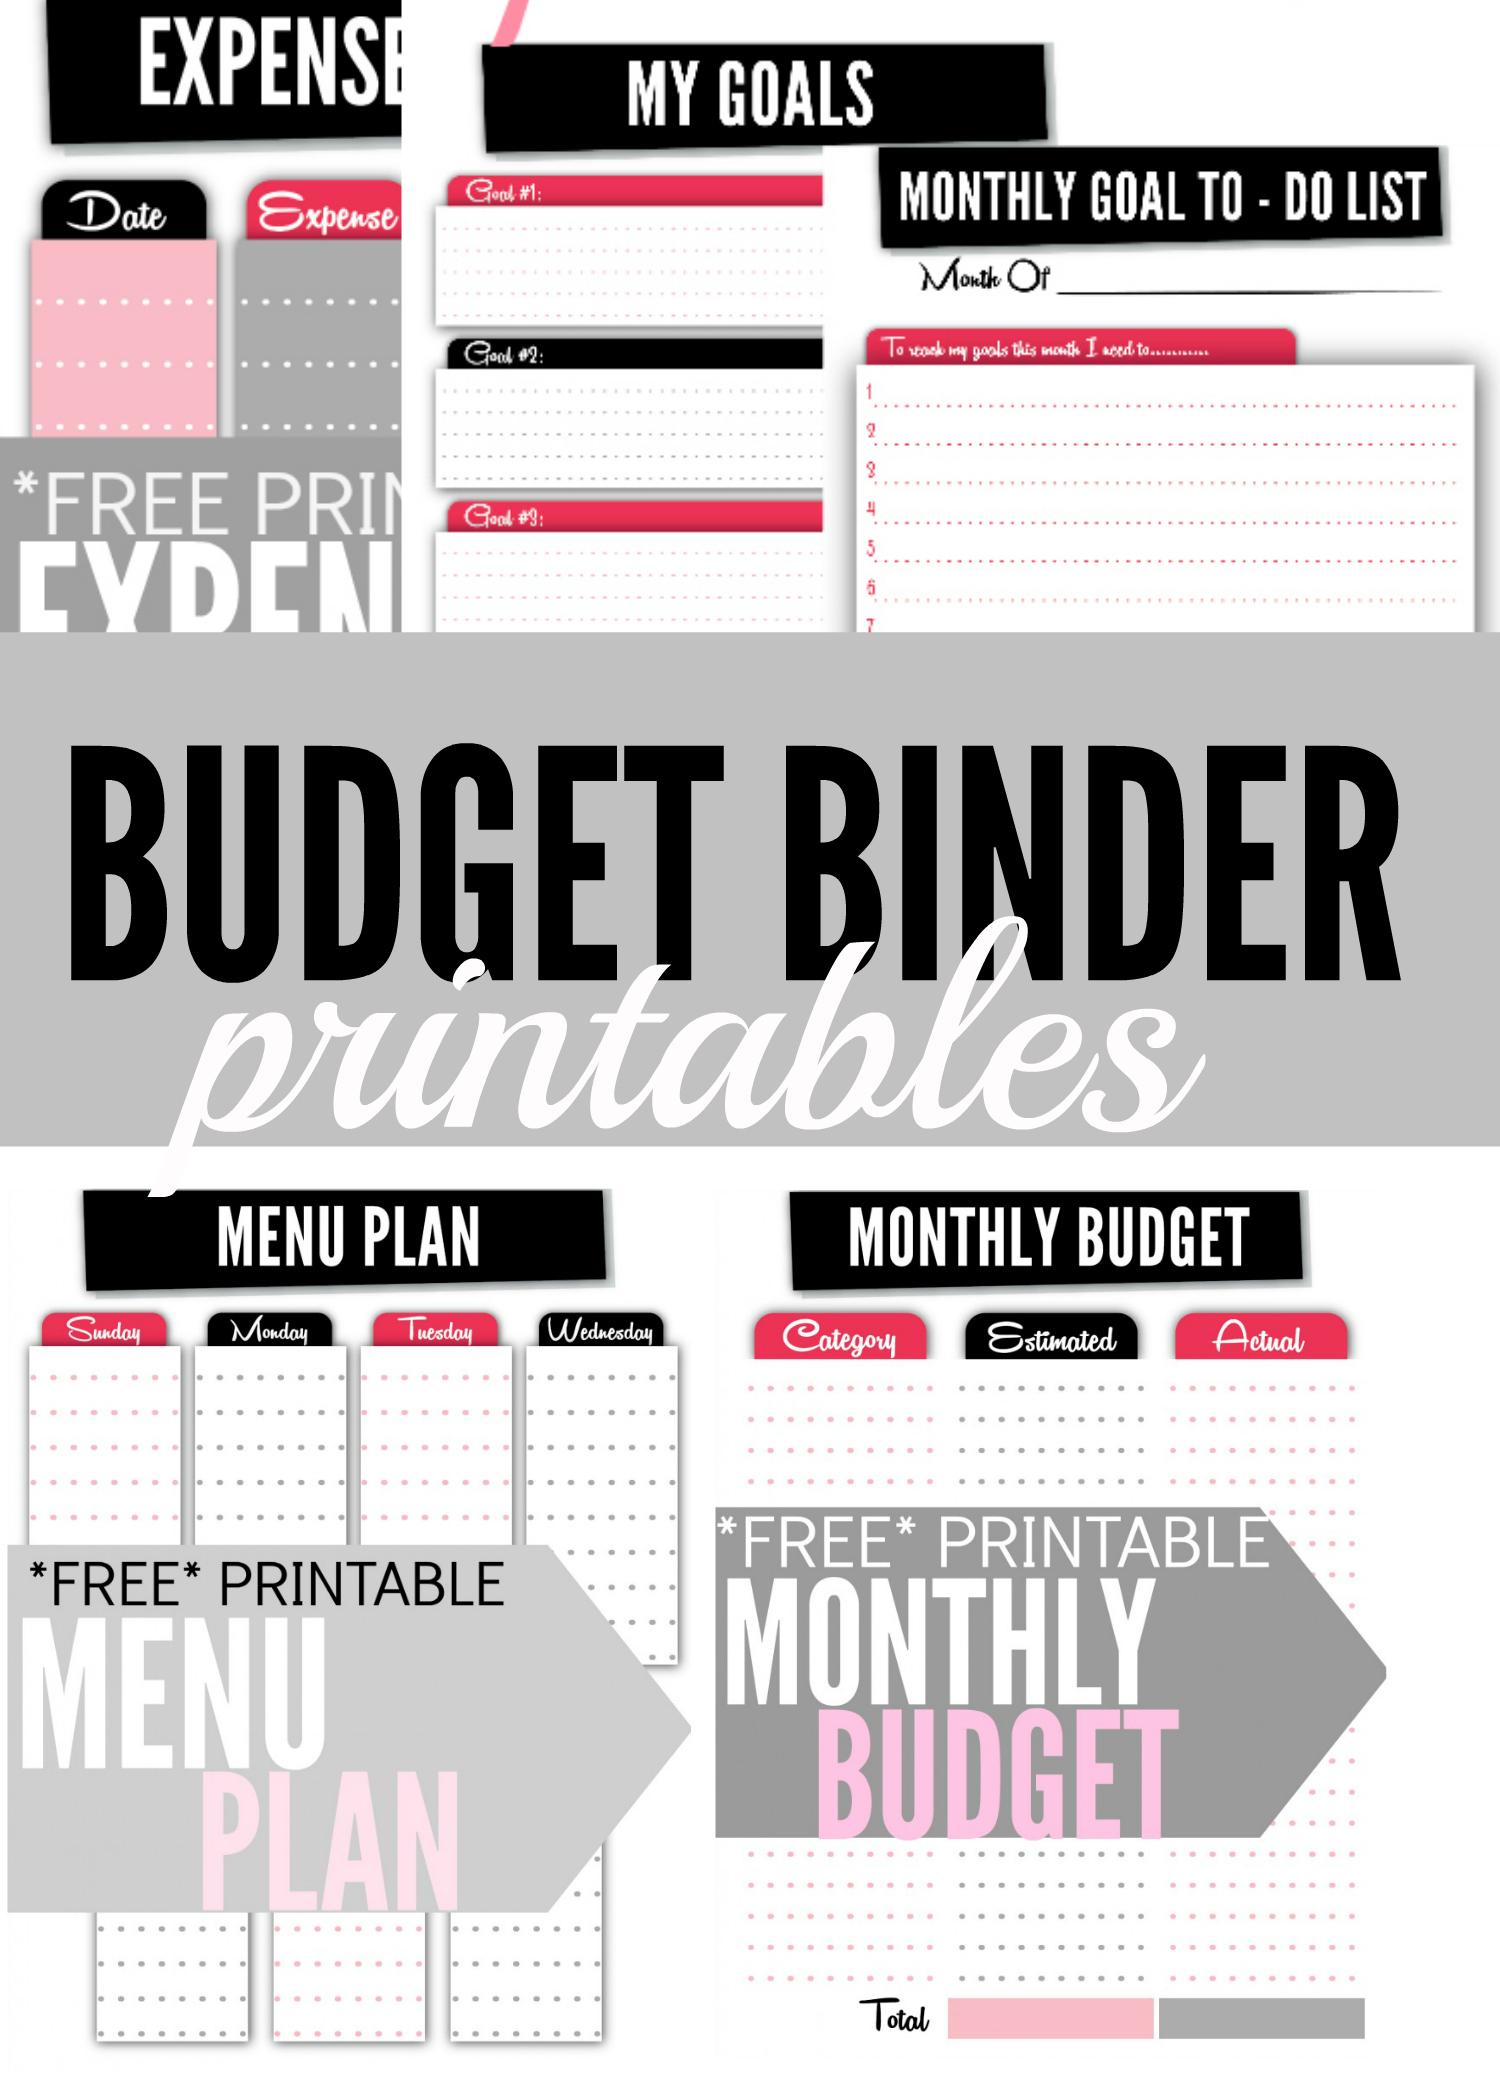 Budget Binder Printables - Single Moms Income | Printable Budget Binder Worksheets